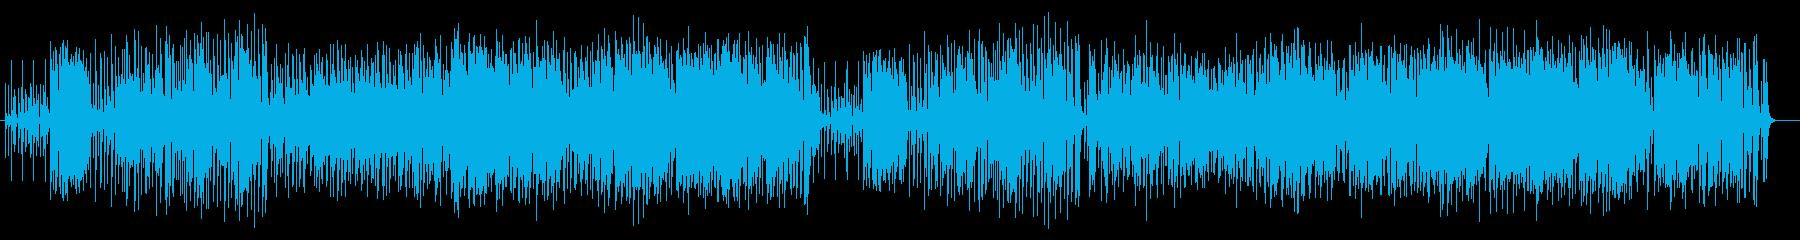 華麗でリズミカルなラテン系ポップスの再生済みの波形